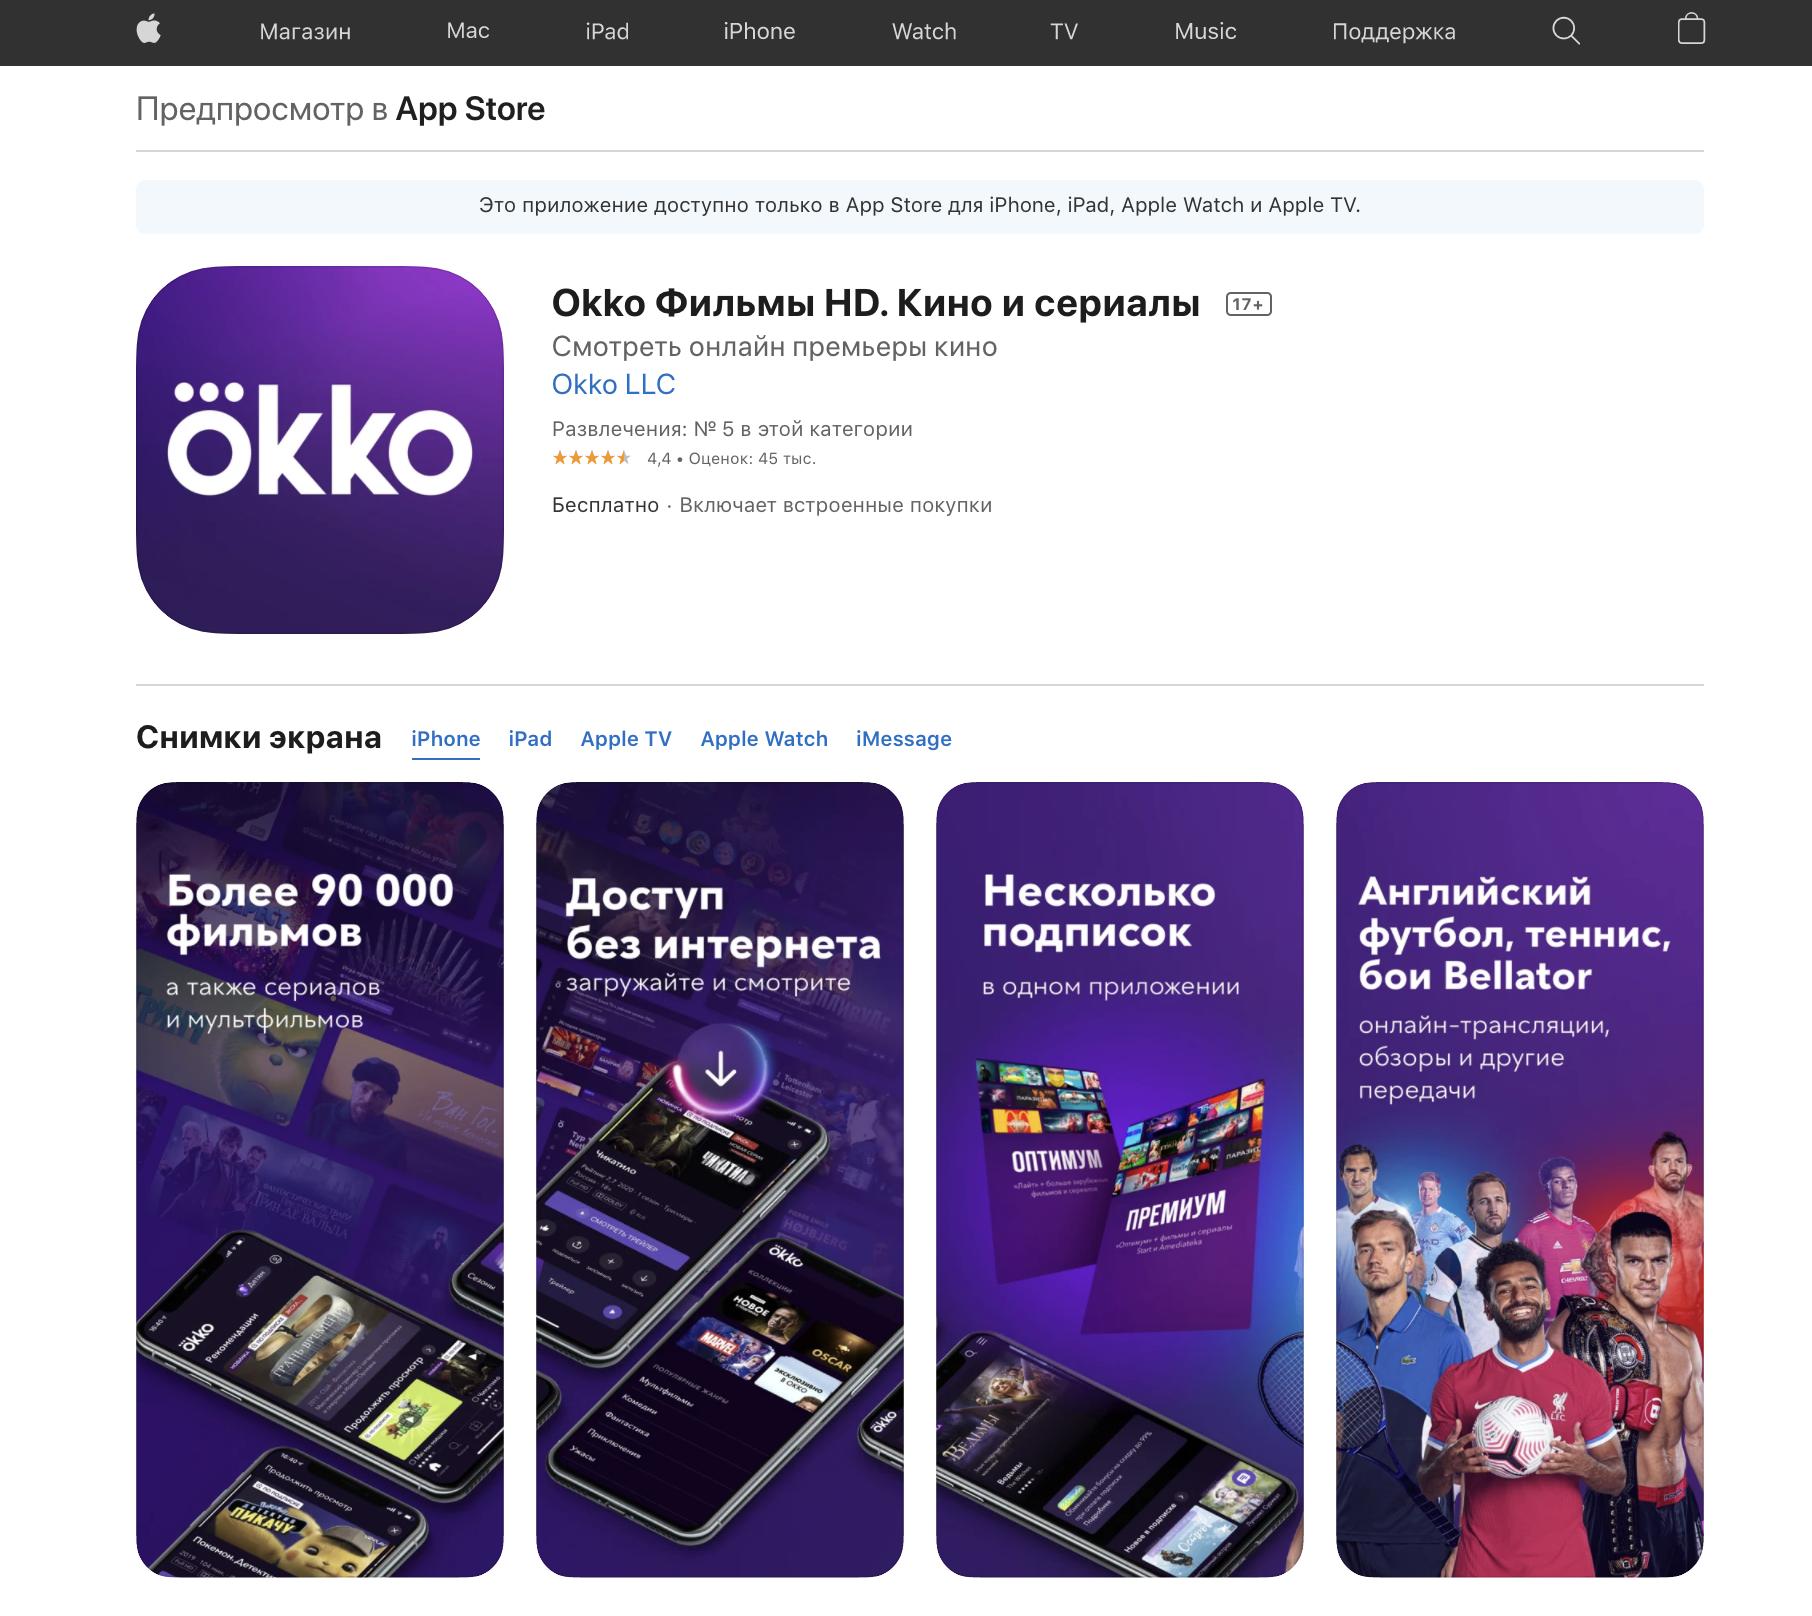 Как скачать приложение ОККО